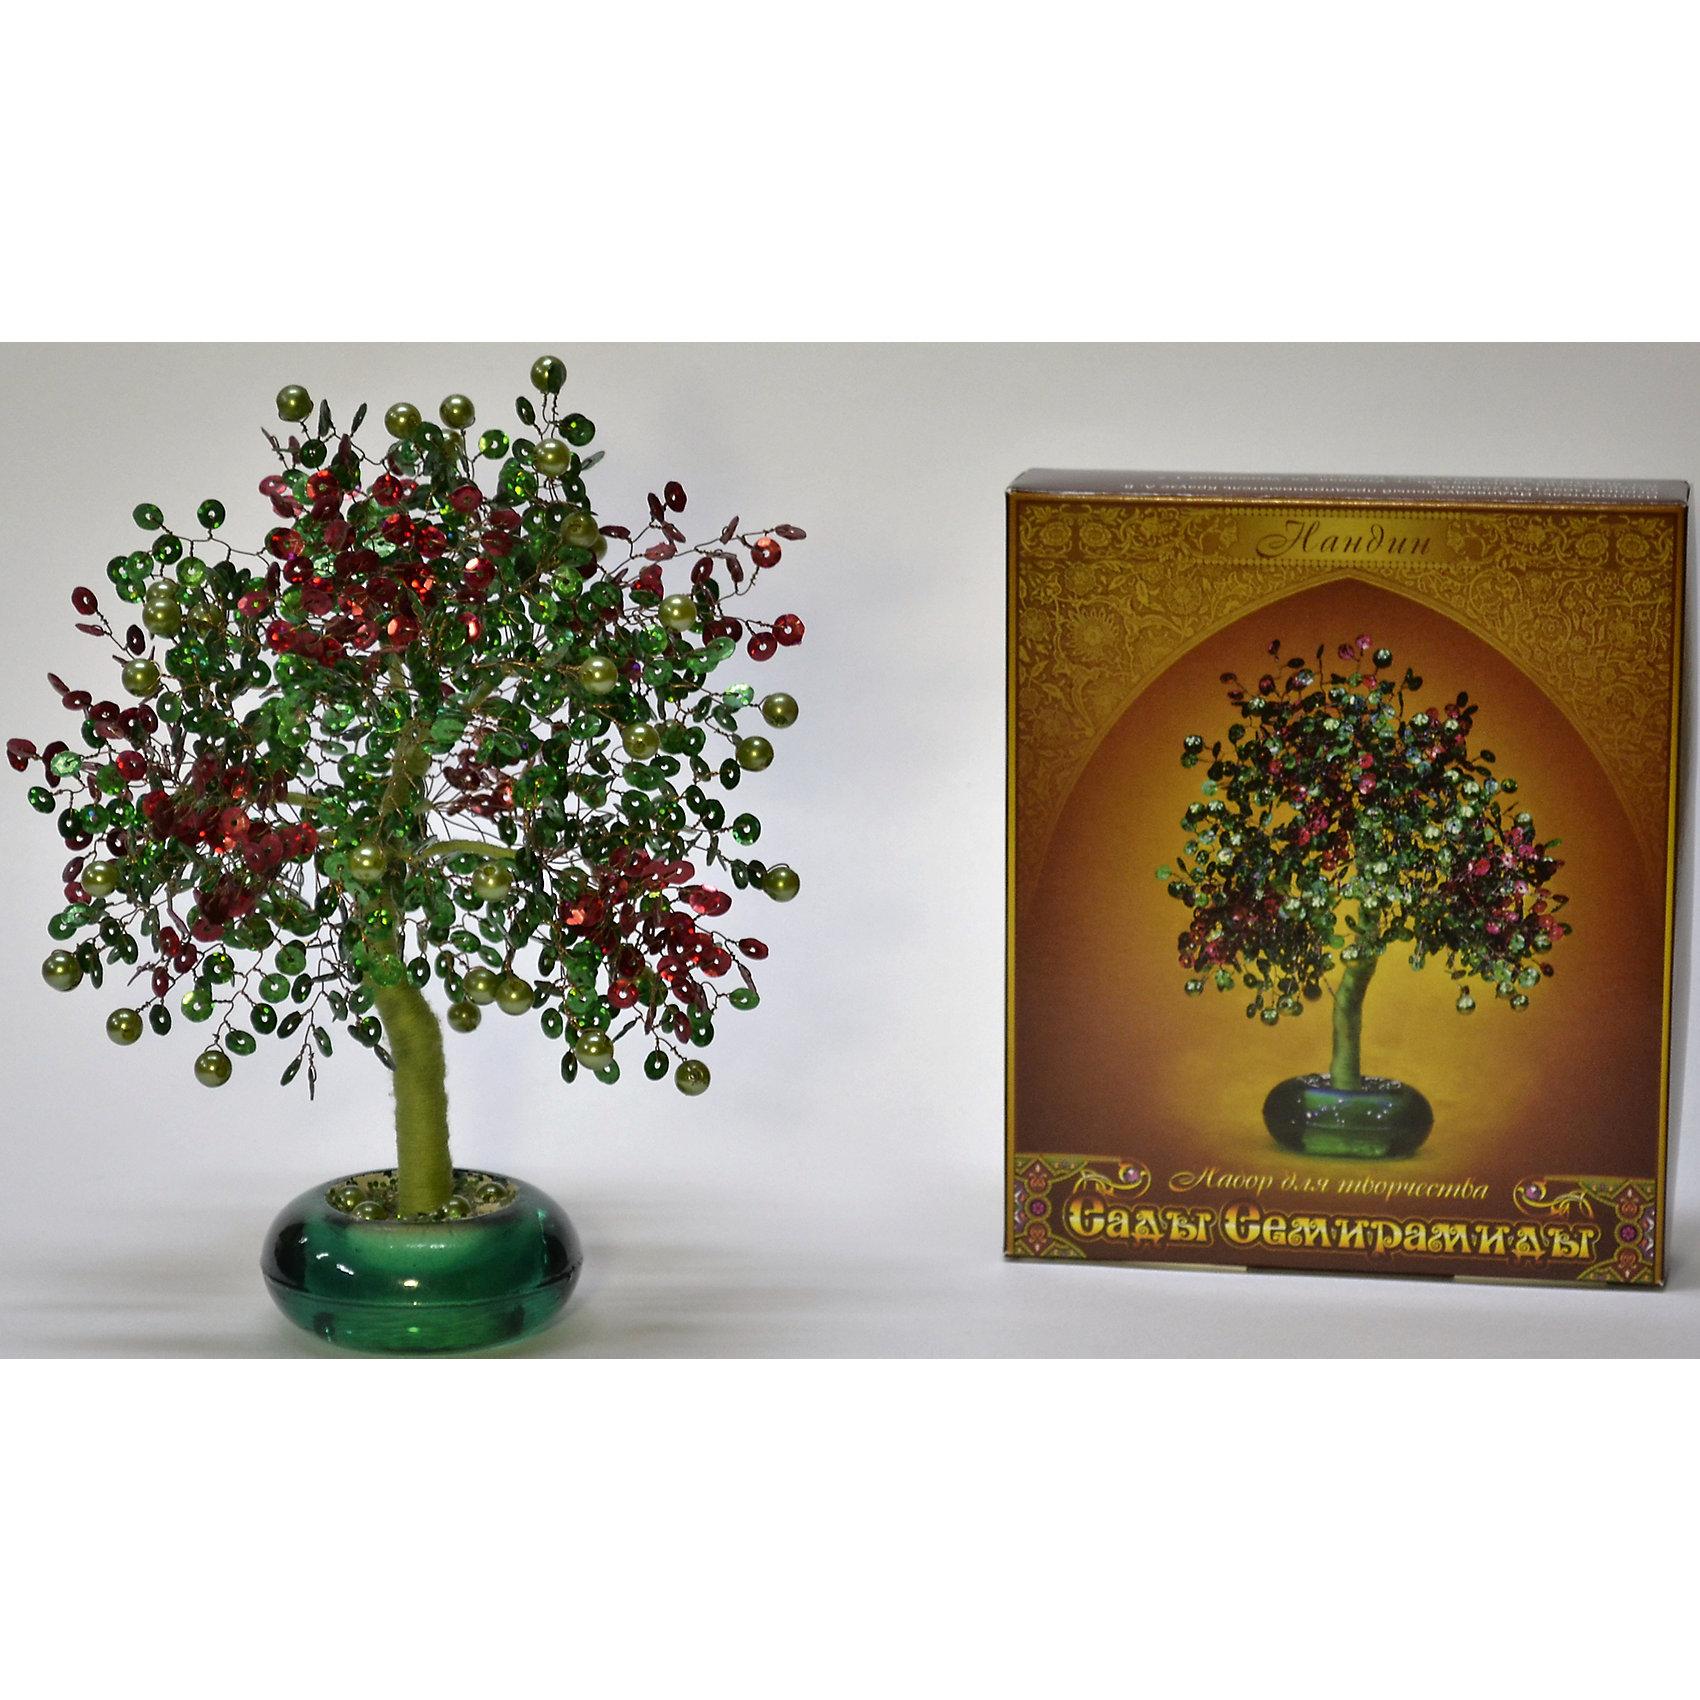 Набор для творчества Сады Семирамиды НандинДеревья и картины из пайеток<br>Серия «Сады Семирамиды» представляют собой комплект необходимых<br>материалов, используя которые можно создать своё «Волшебное дерево» из каждого набора. Наборы предназначены для семейного творчества.<br><br>Ширина мм: 14<br>Глубина мм: 3<br>Высота мм: 17<br>Вес г: 380<br>Возраст от месяцев: 84<br>Возраст до месяцев: 192<br>Пол: Унисекс<br>Возраст: Детский<br>SKU: 5068873